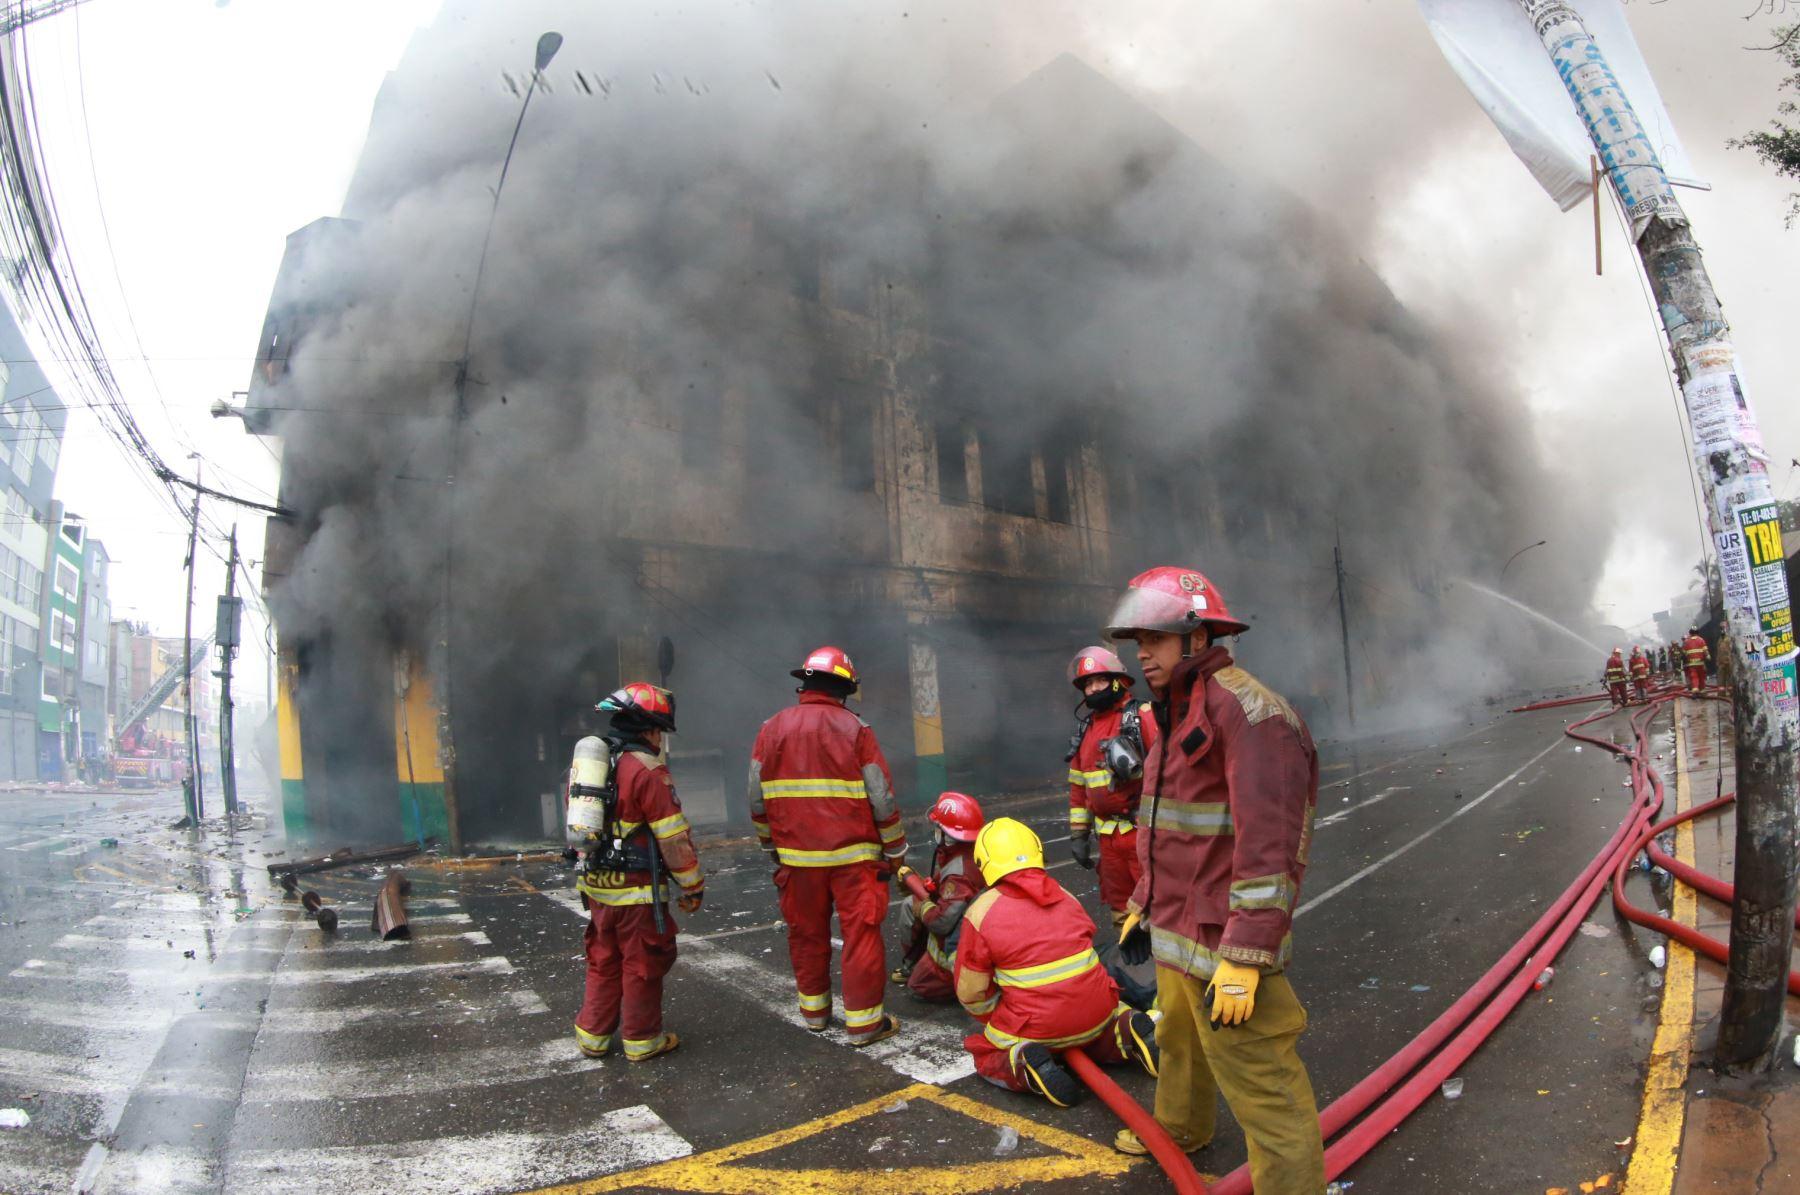 LIMA PERÚ, JUNIO 23.  Bomberos continúan con el intenso trabajo para controlar el fuego en el incendio de la galería Nicollini en las Malvinas.  Foto: ANDINA/ Jhony Laurente